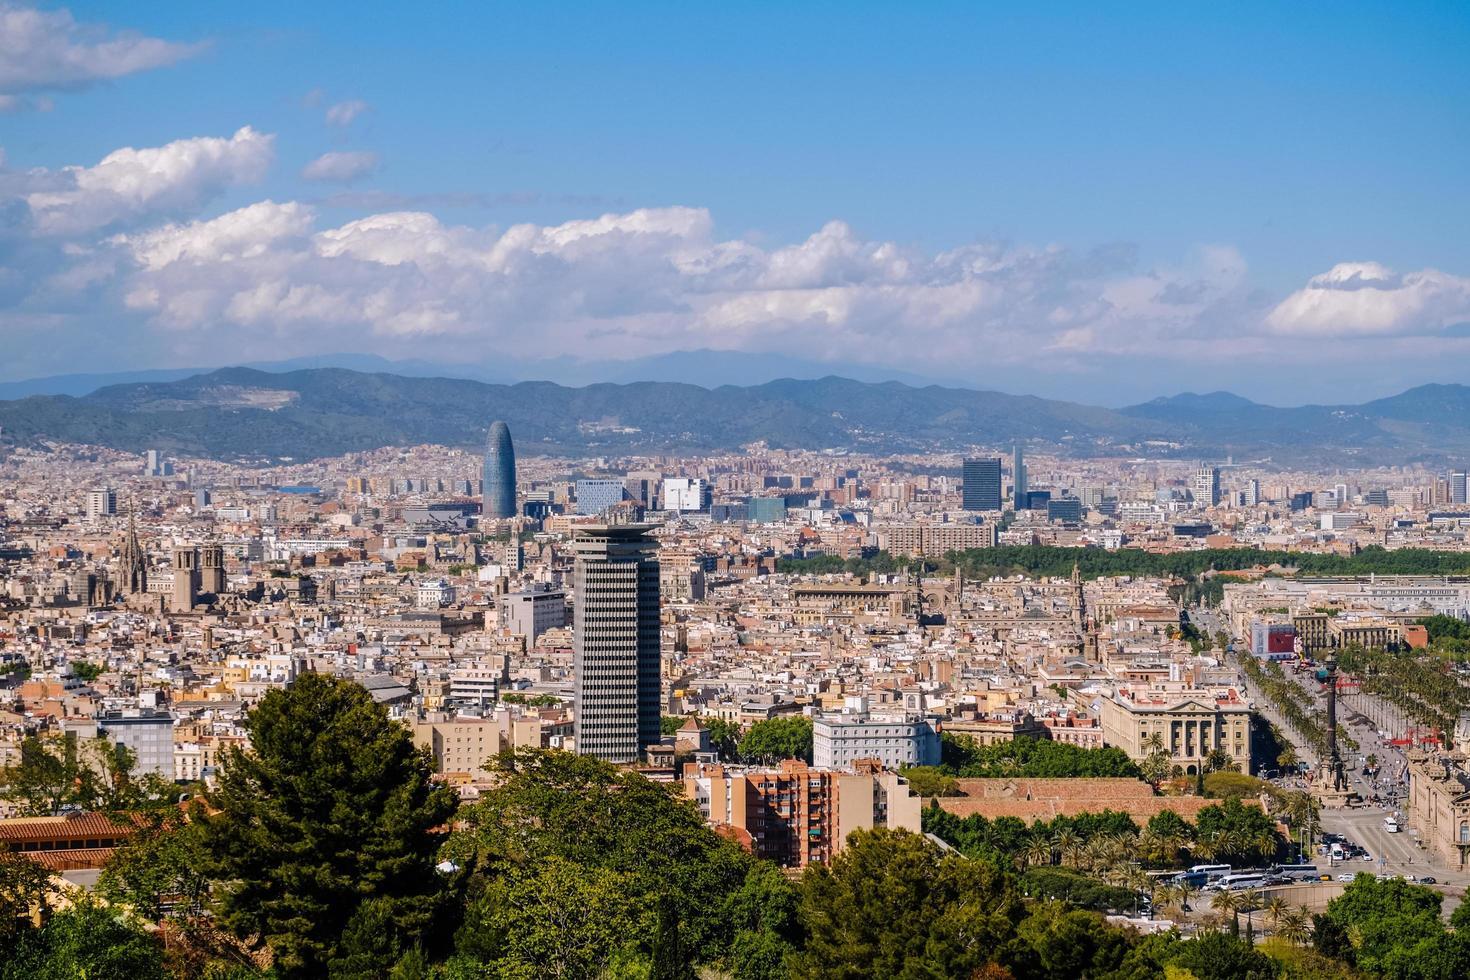 vista del paesaggio urbano di Barcellona foto